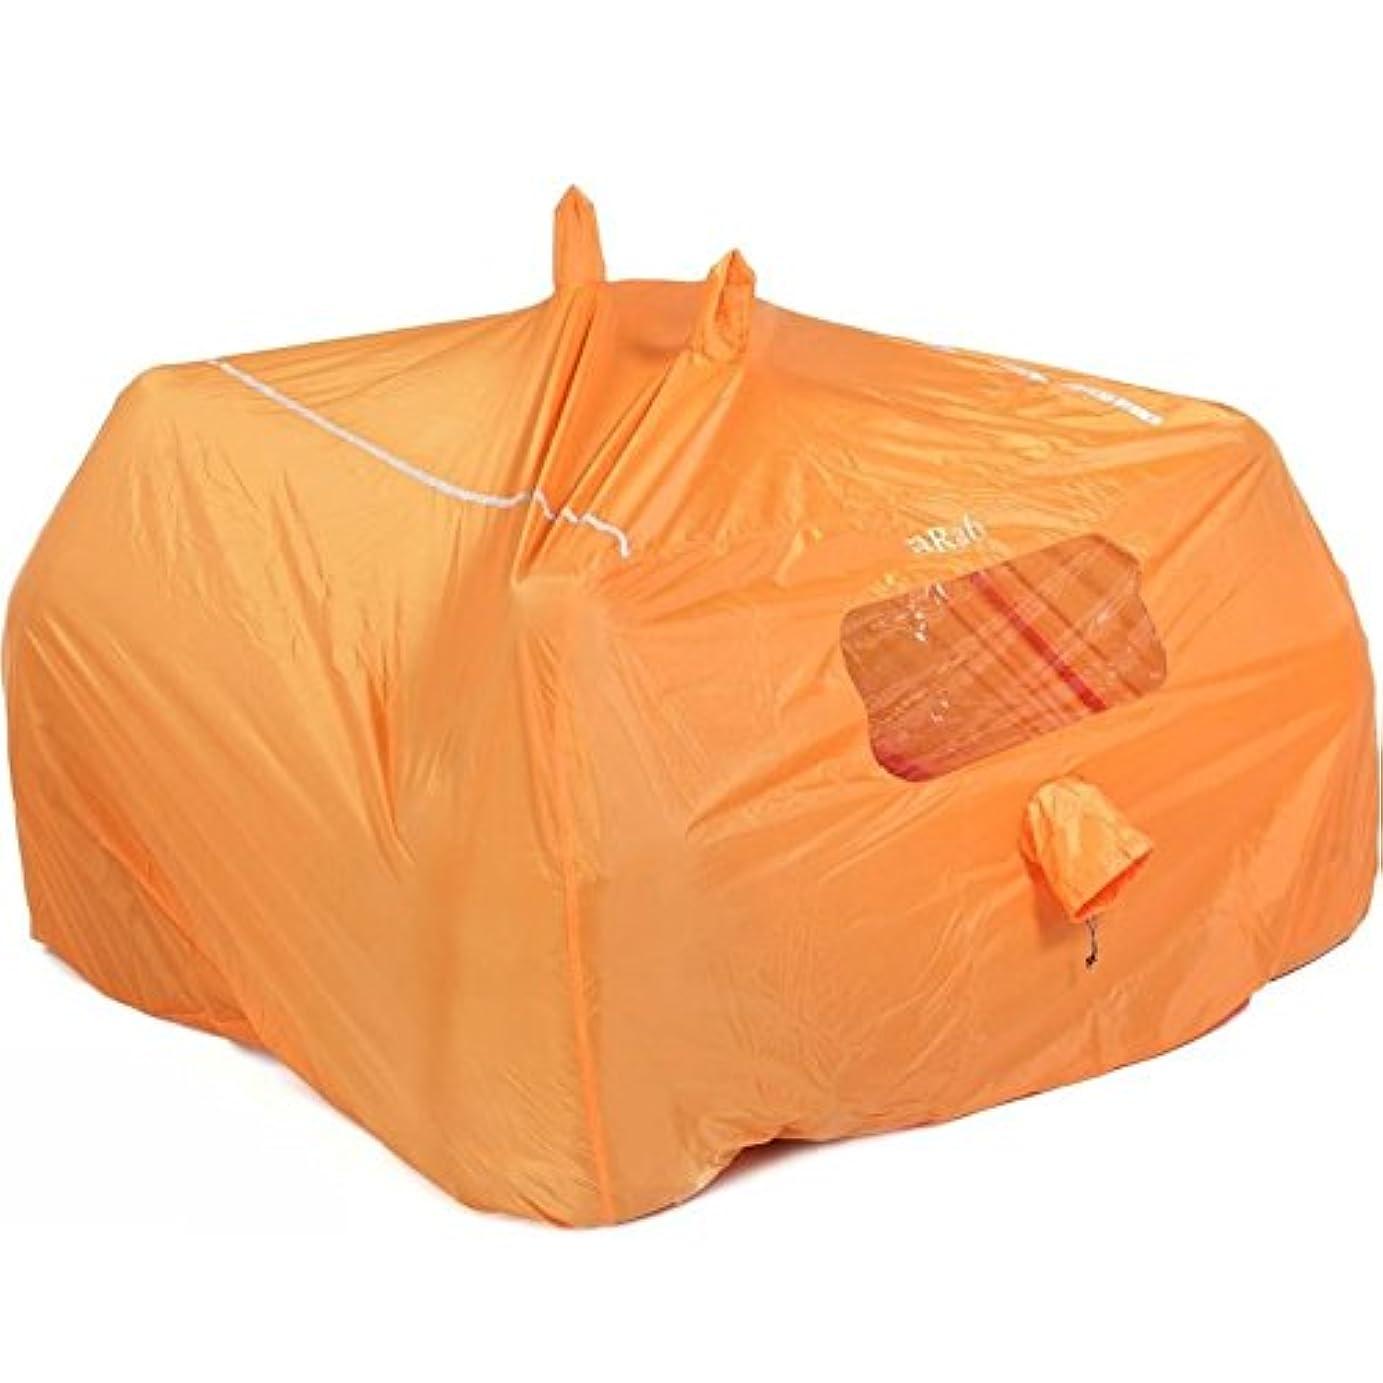 十分に剃る可塑性Rab(ラブ) タープ ツェルト シェルター ビバーク 緊急用 [1~2人用] 超軽量コンパクト 320g グループシェルター 2 MR-49-OR-2 オレンジ